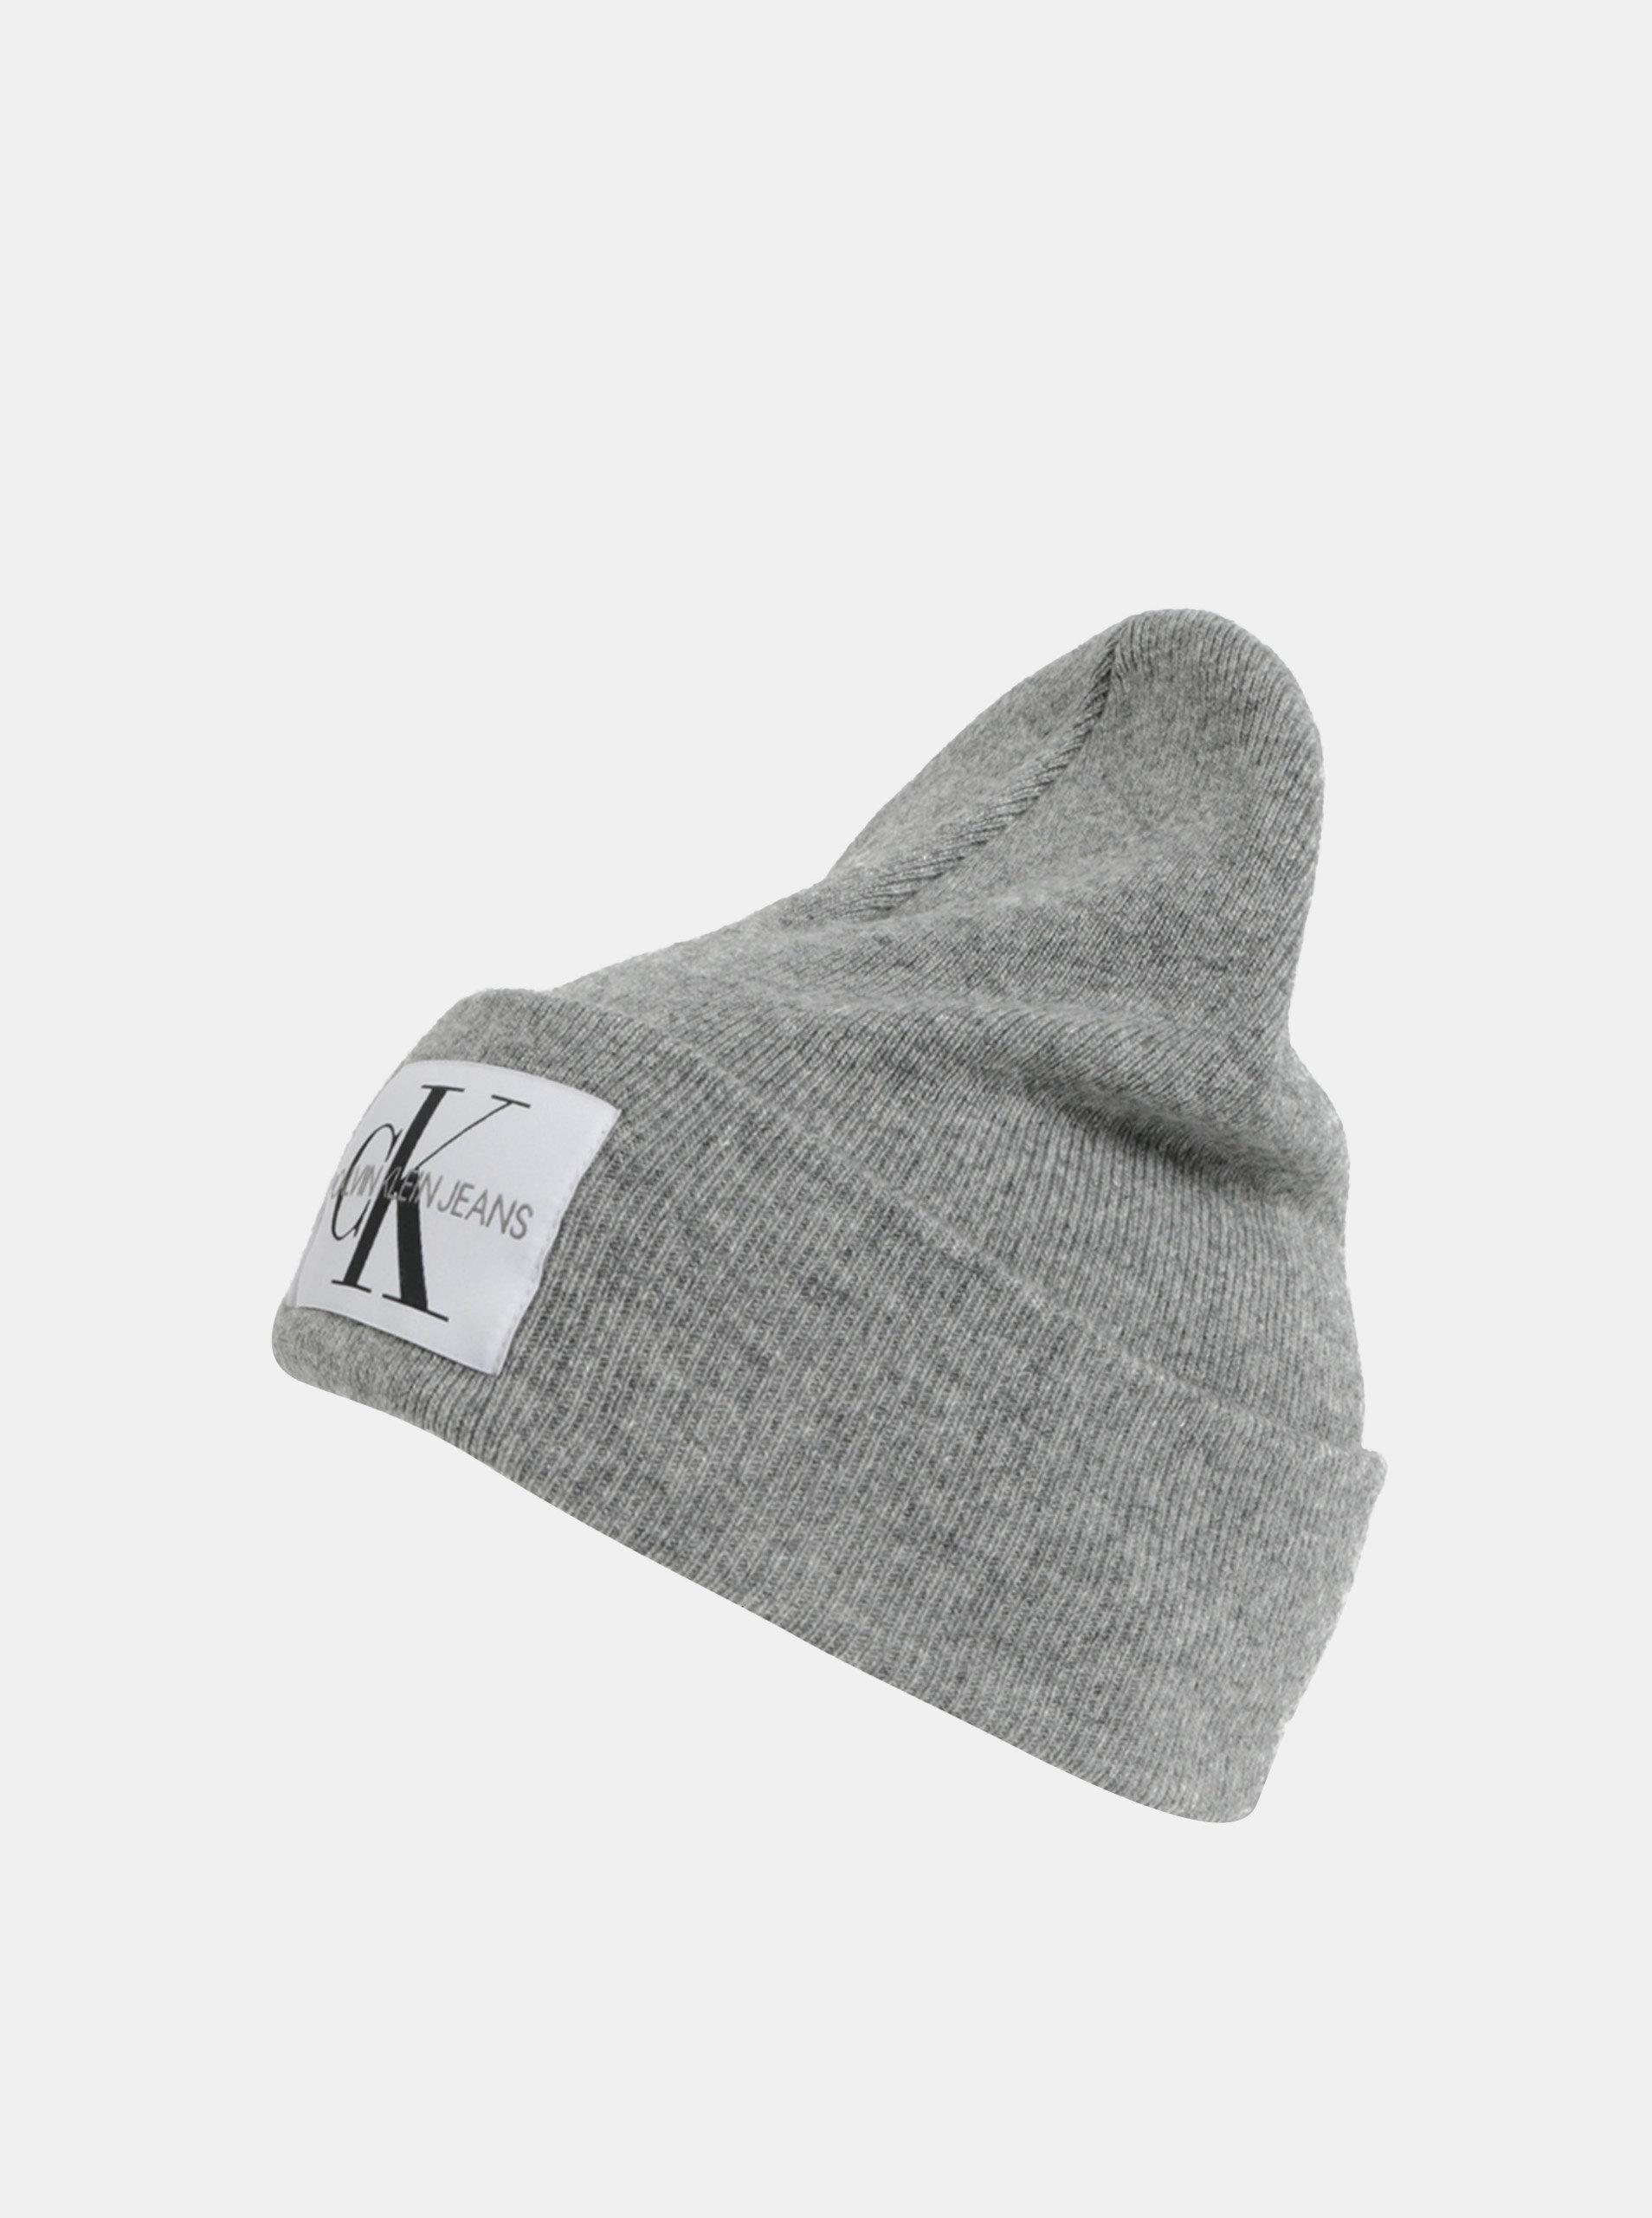 53056f5d0 Sivá dámska melírovaná čiapka s prímesou vlny a kašmíru Calvin Klein Jeans  ...